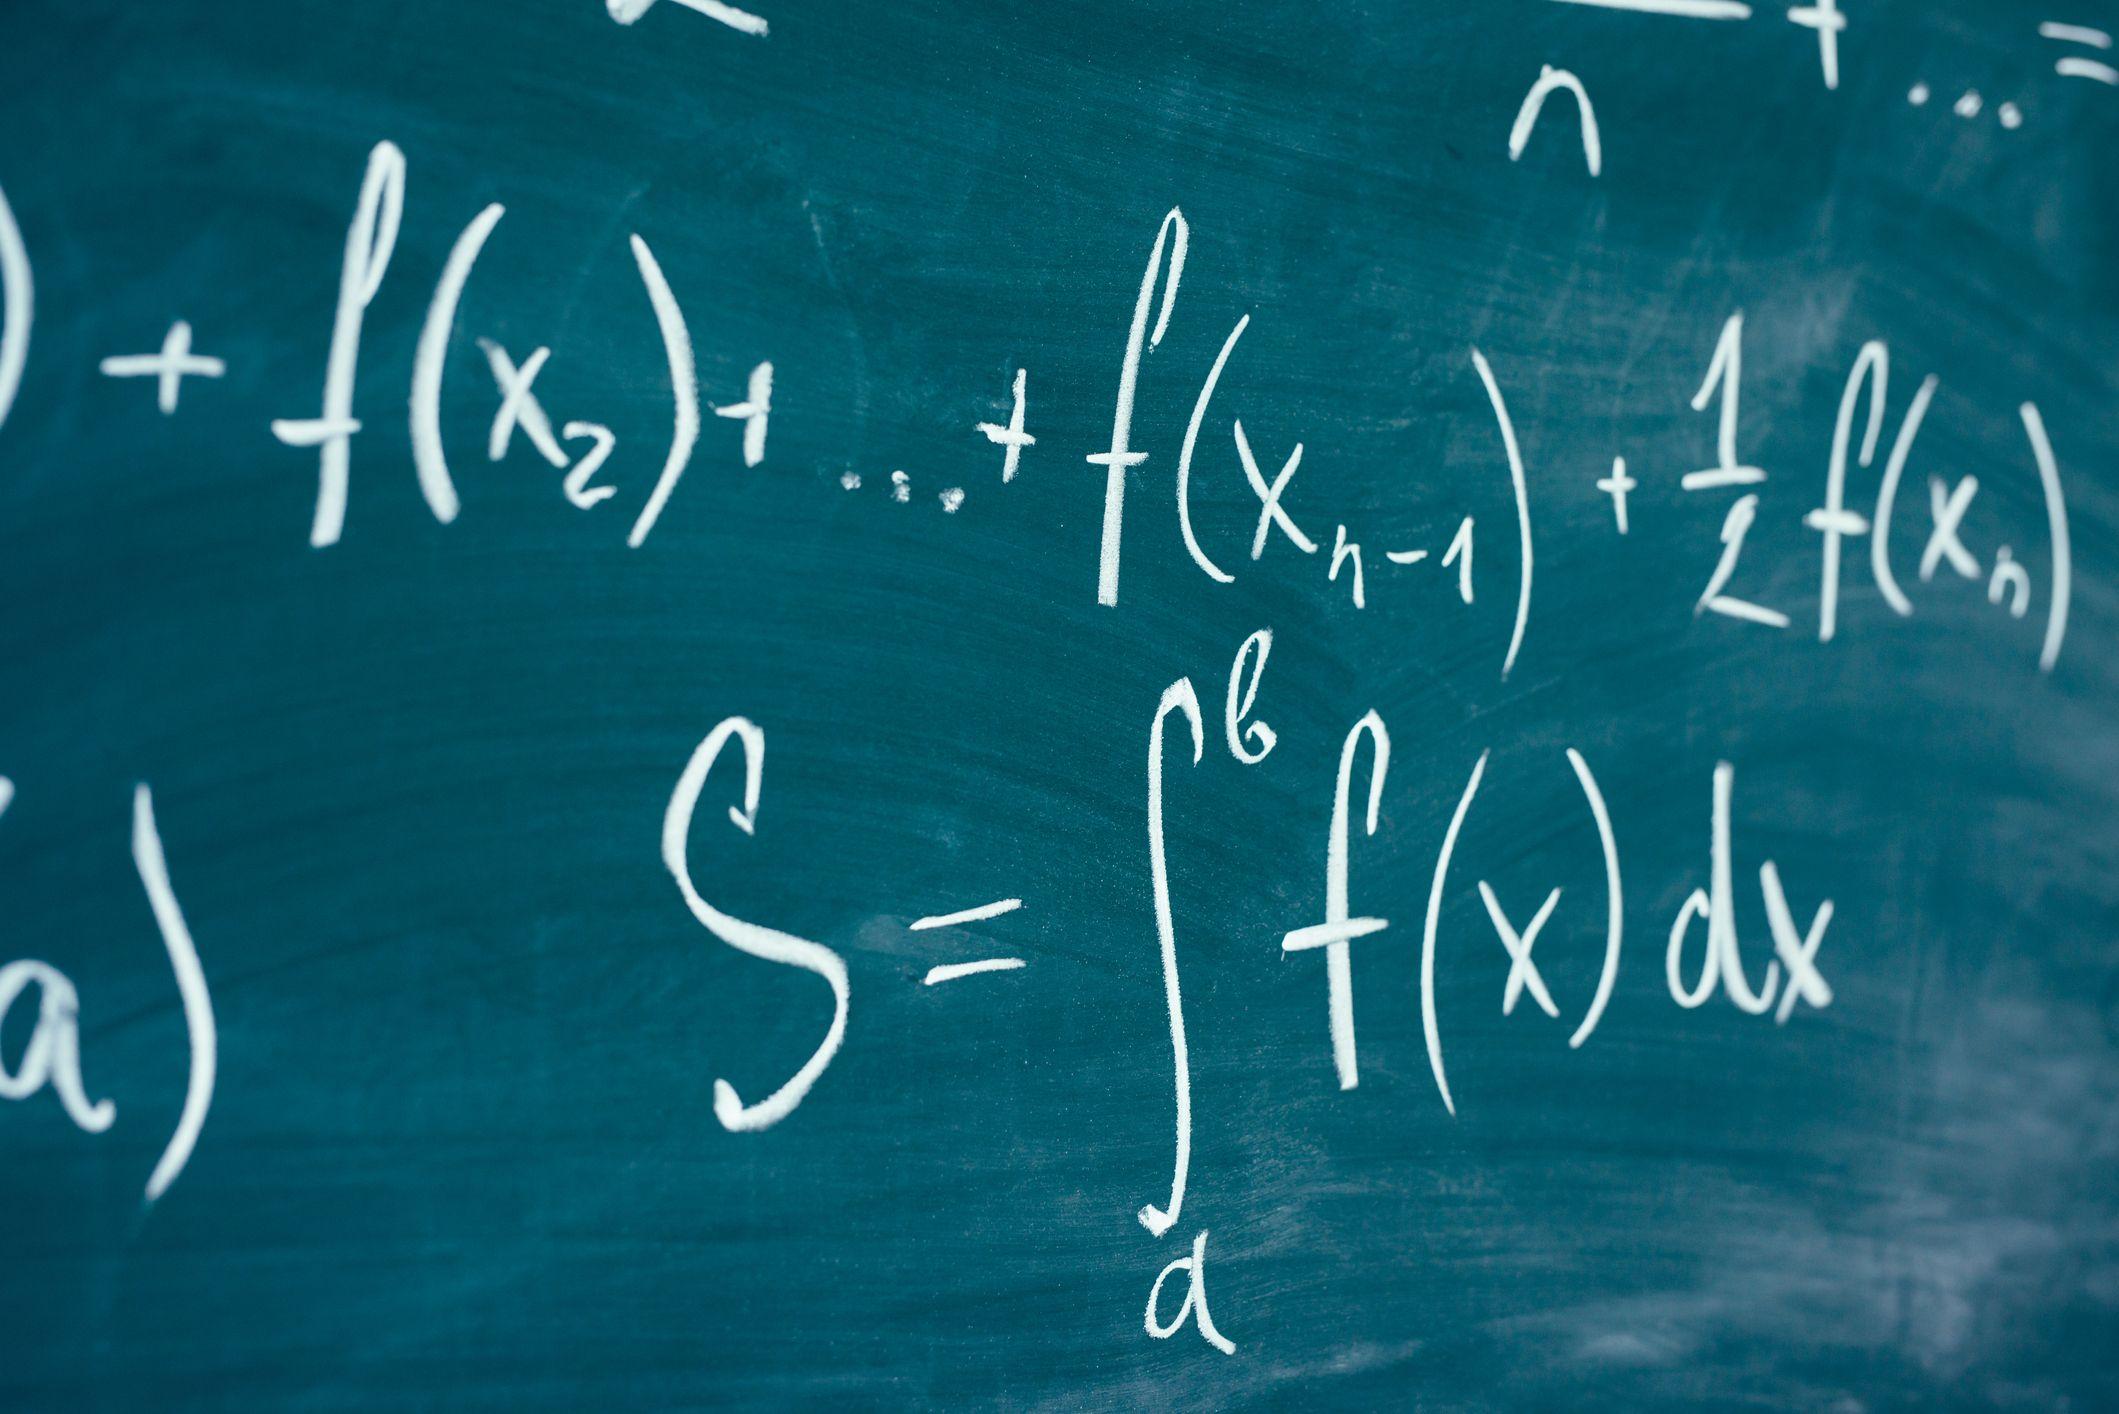 integral_chalkboard